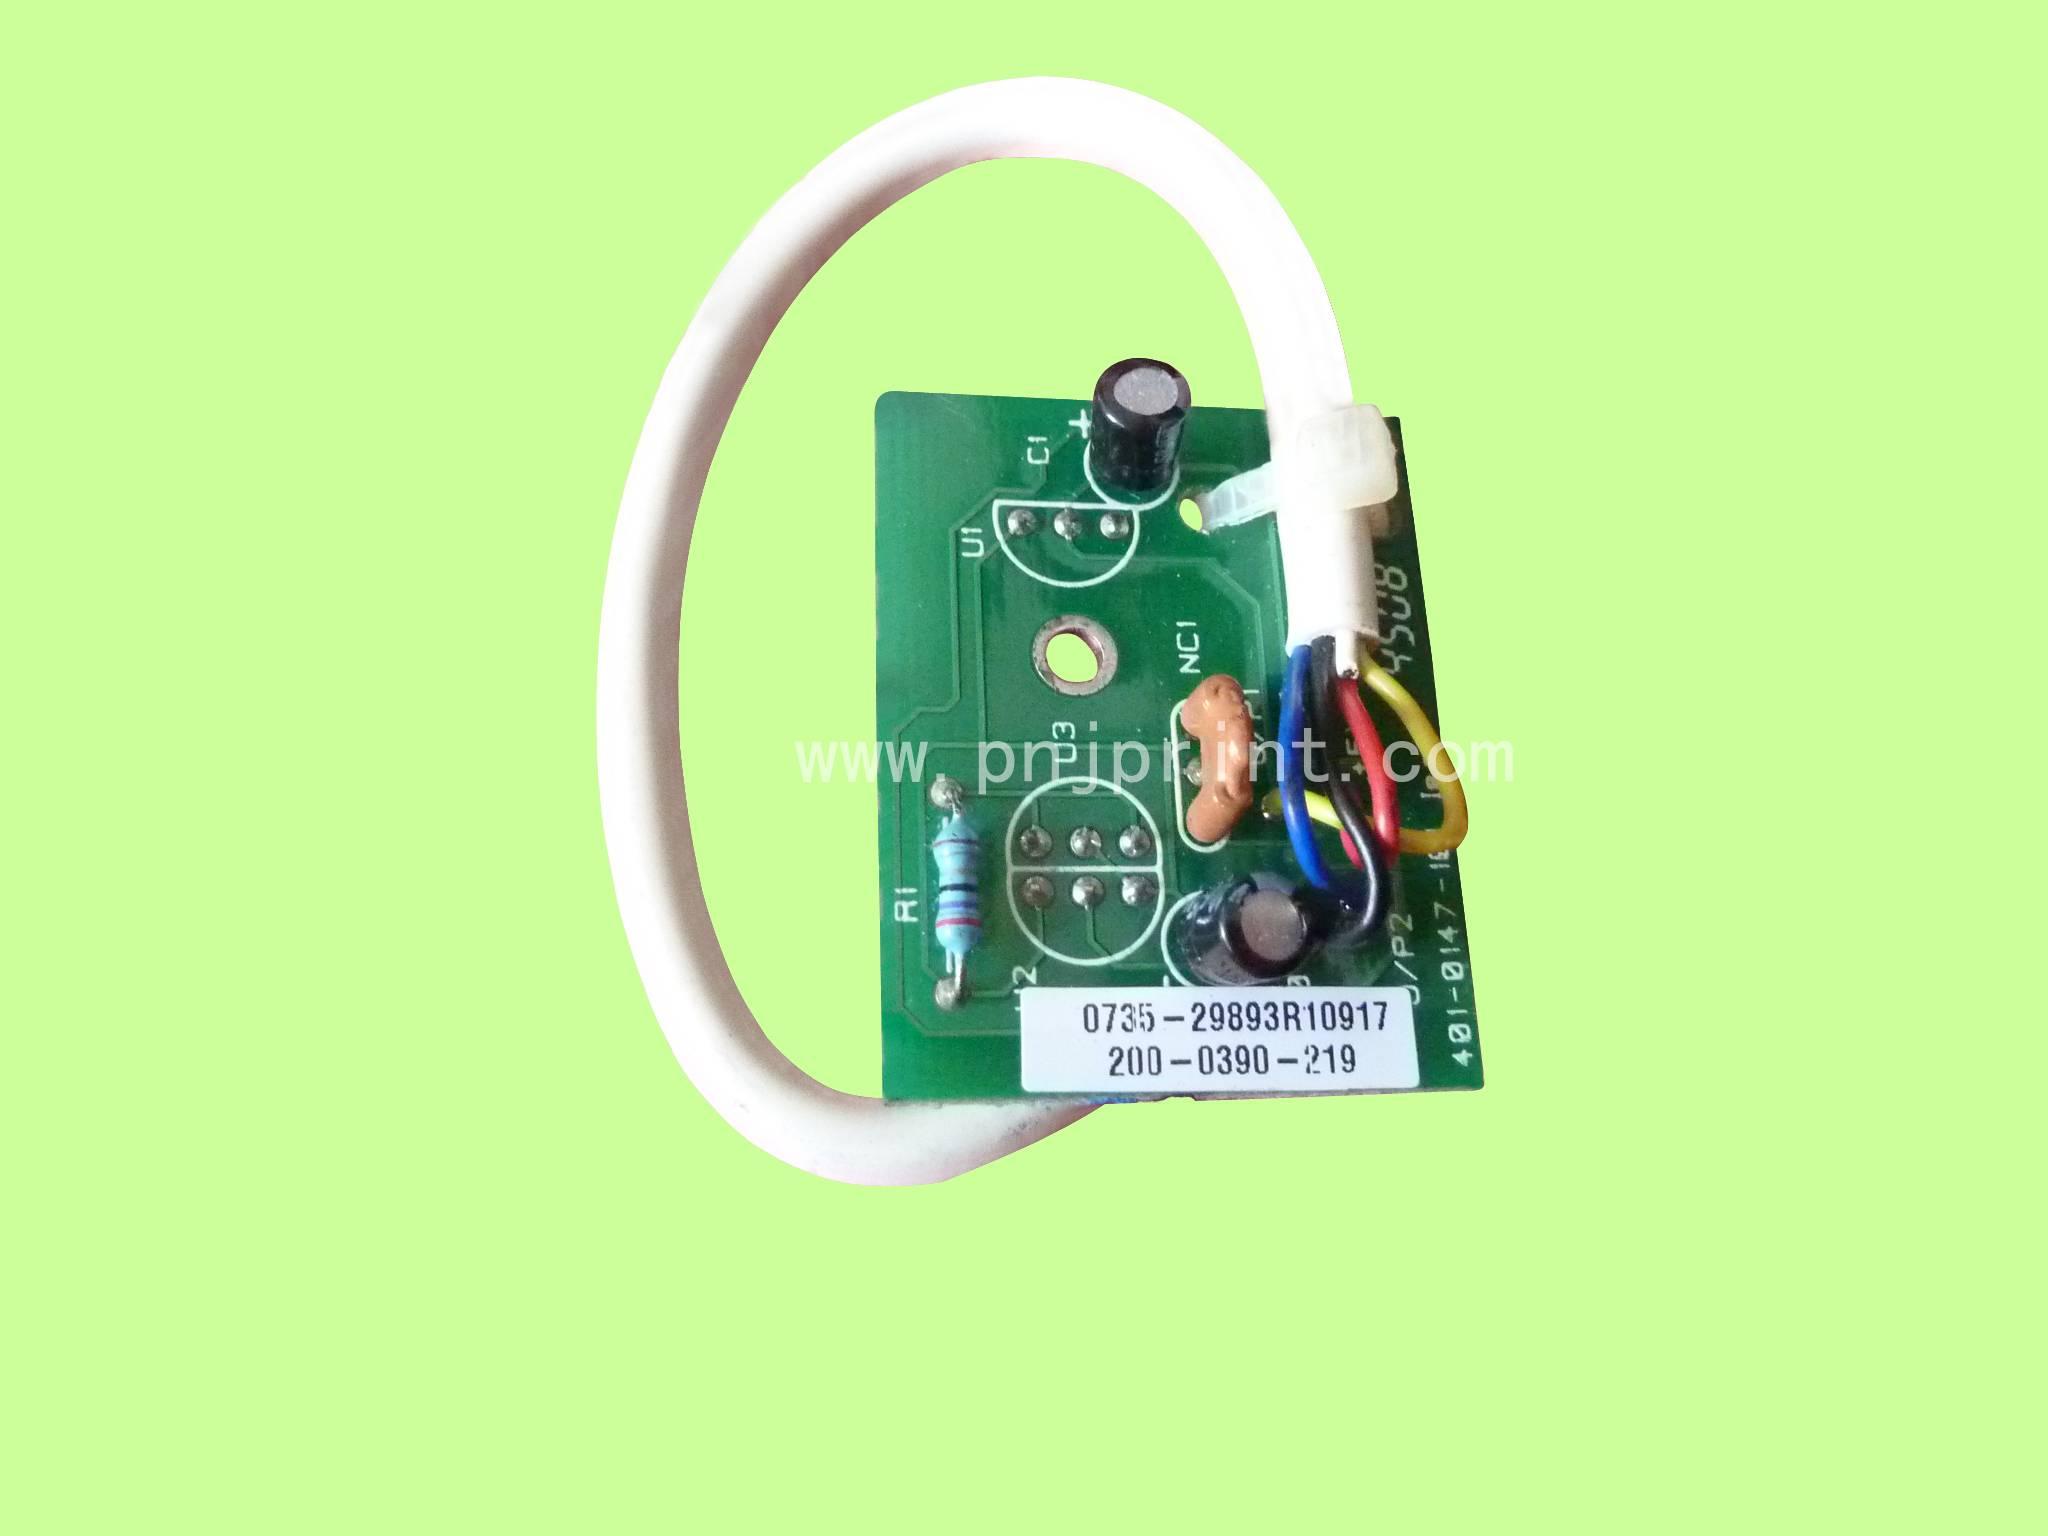 200-0390-219 Fan fail PCB 430